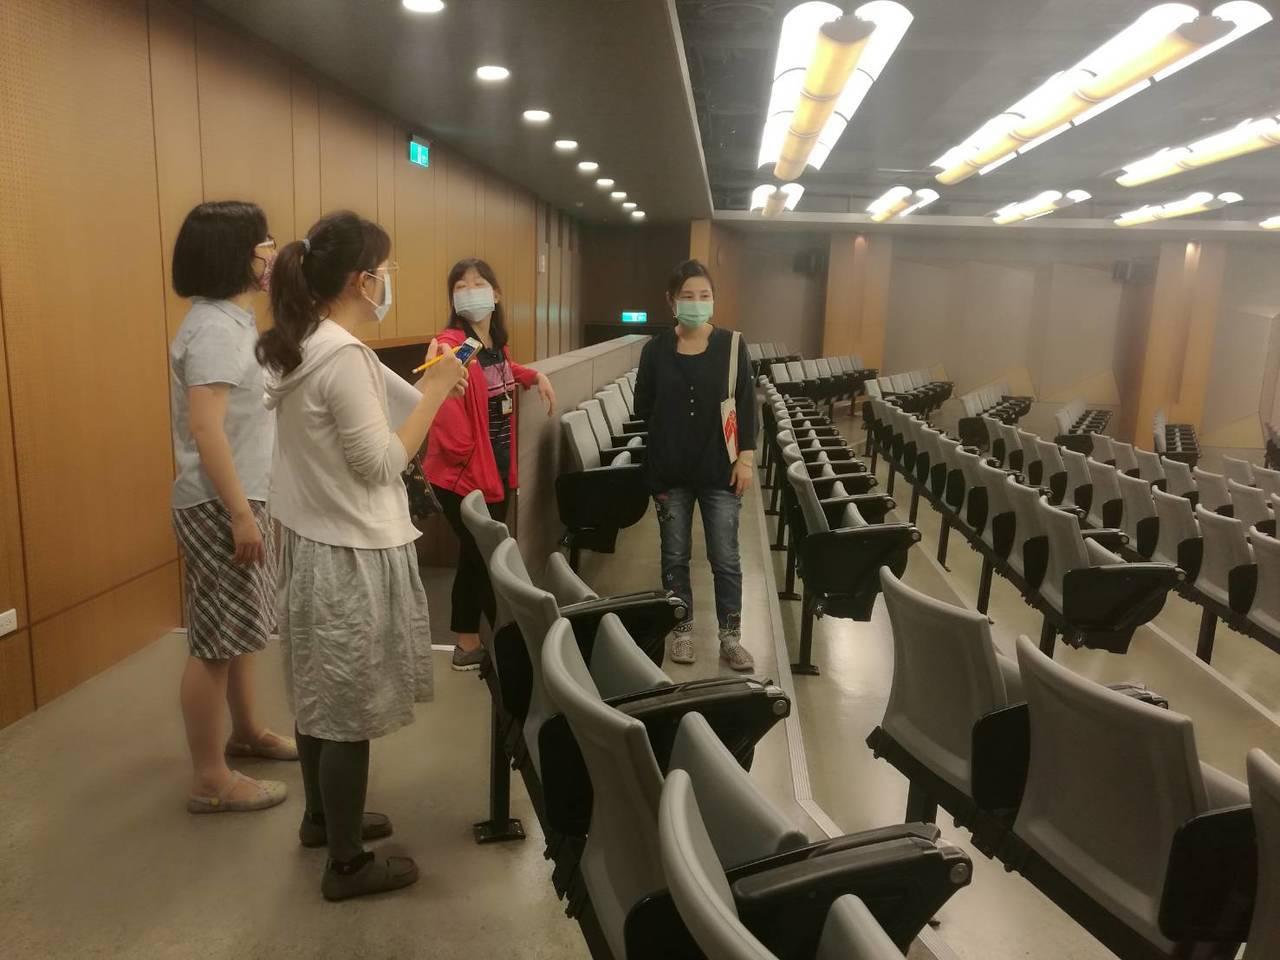 新竹市衛生局9月17日到清大稽查並要求校方消毒。圖/衛生局提供